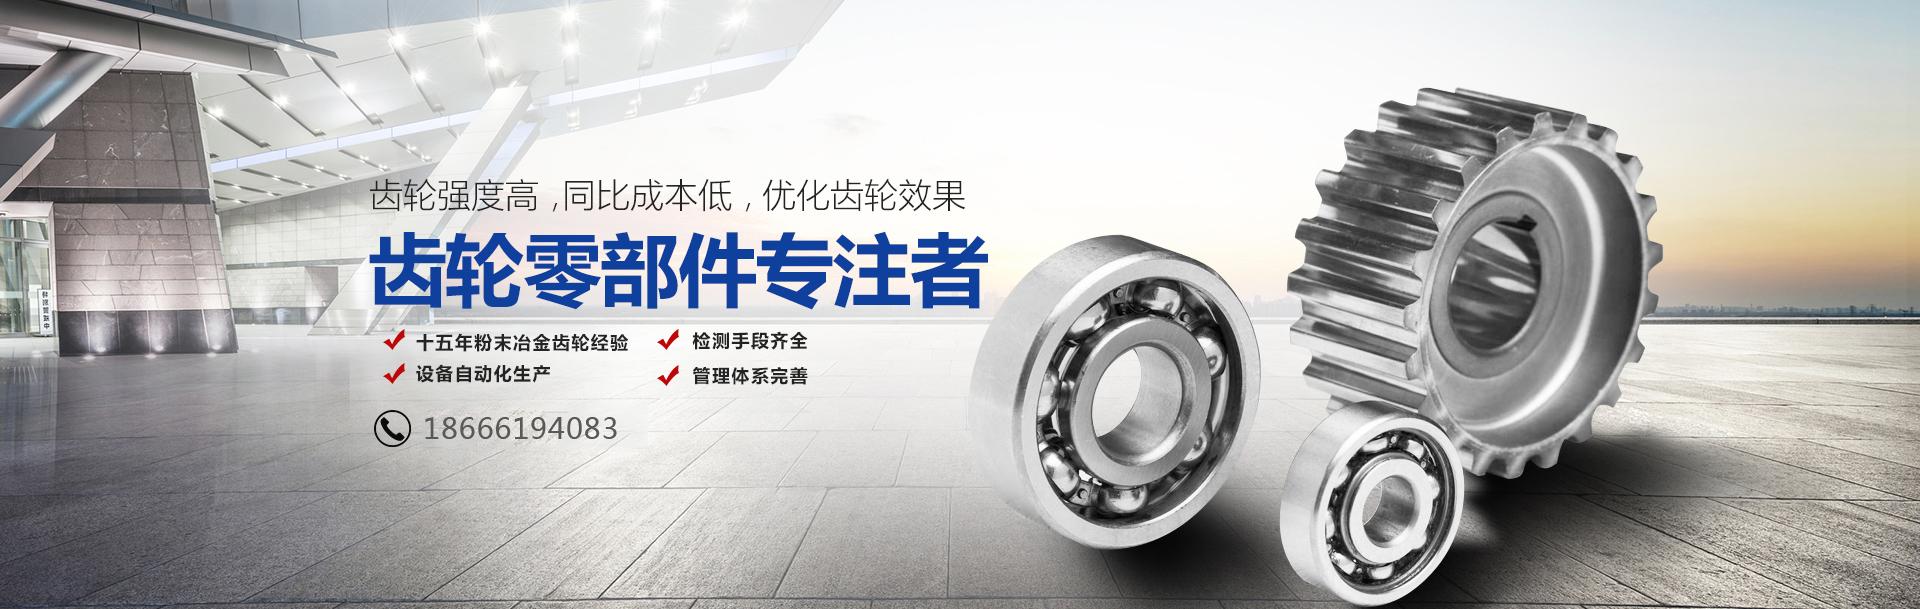 高强度粉末冶金齿轮,行星减速齿轮,低噪音合金齿轮